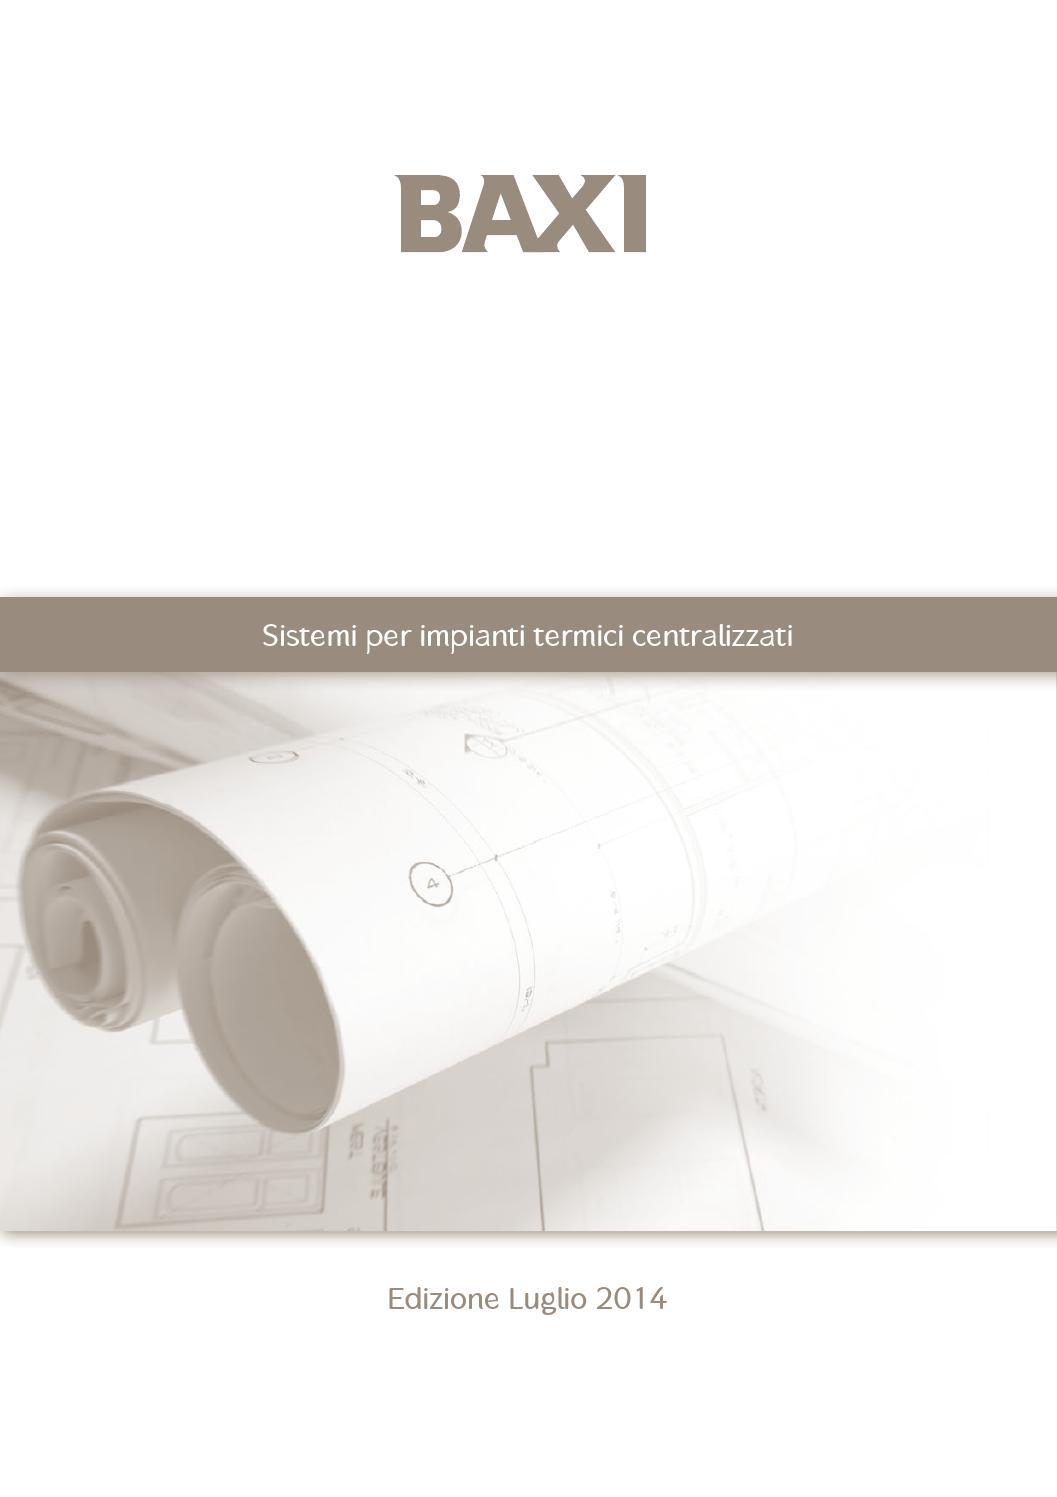 Sistemi per impianti termici centralizzati baxi by baxi for Uniform spa sistemi per serramenti